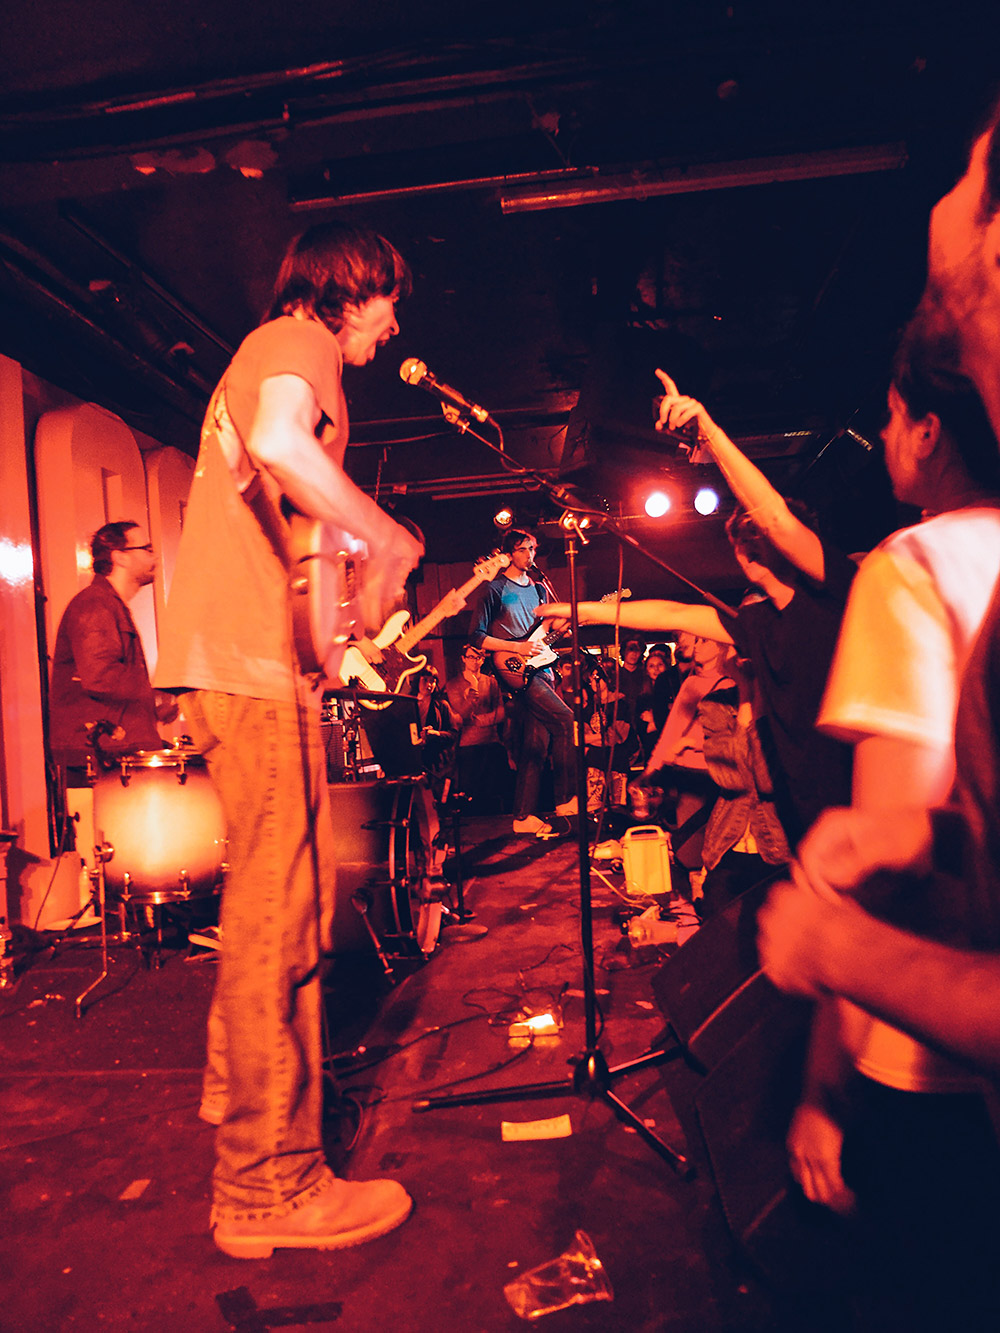 Alex G @ 100 Club, London 20/10/15